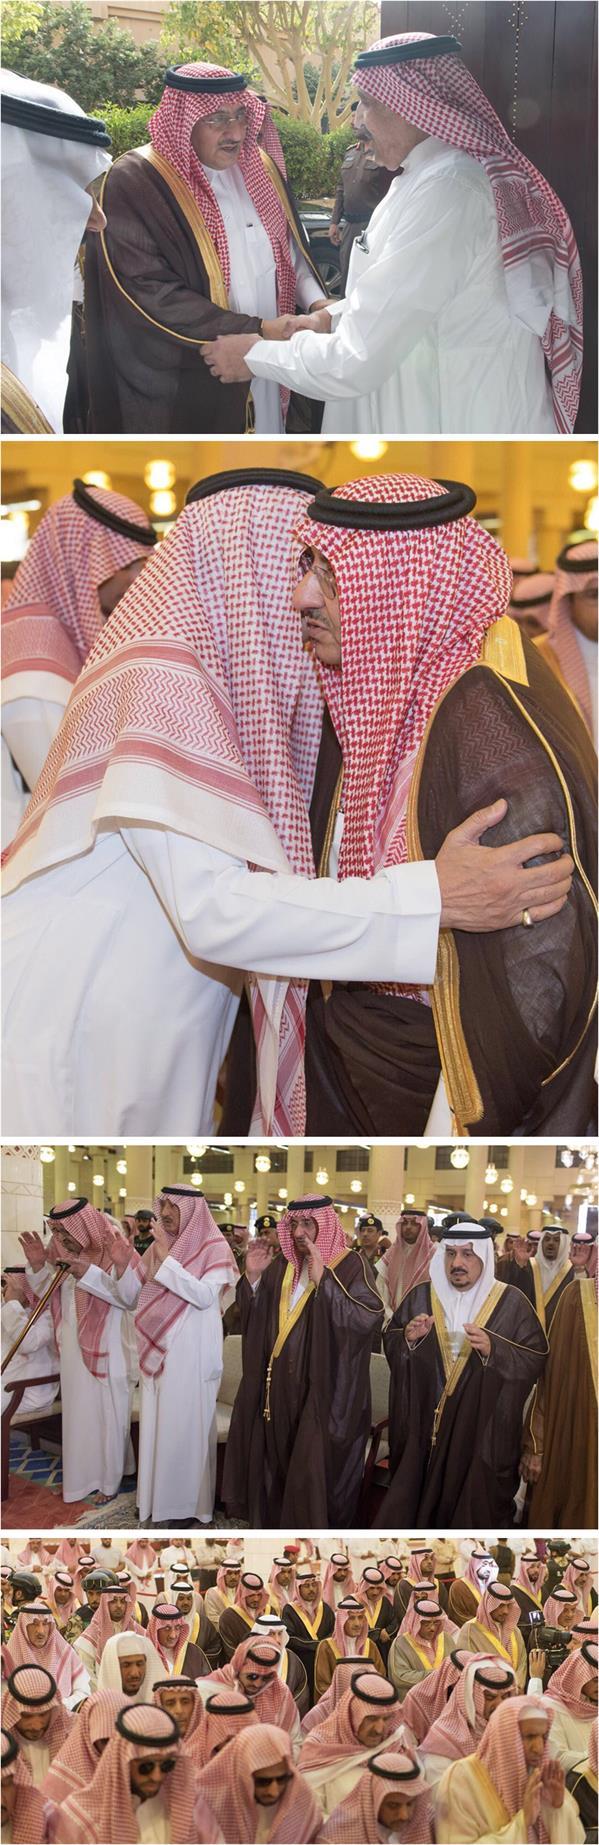 ولي العهد يتقدم المصلين على الأمير ناصر بن سلطان ومرافقه عبدالله الدوسري